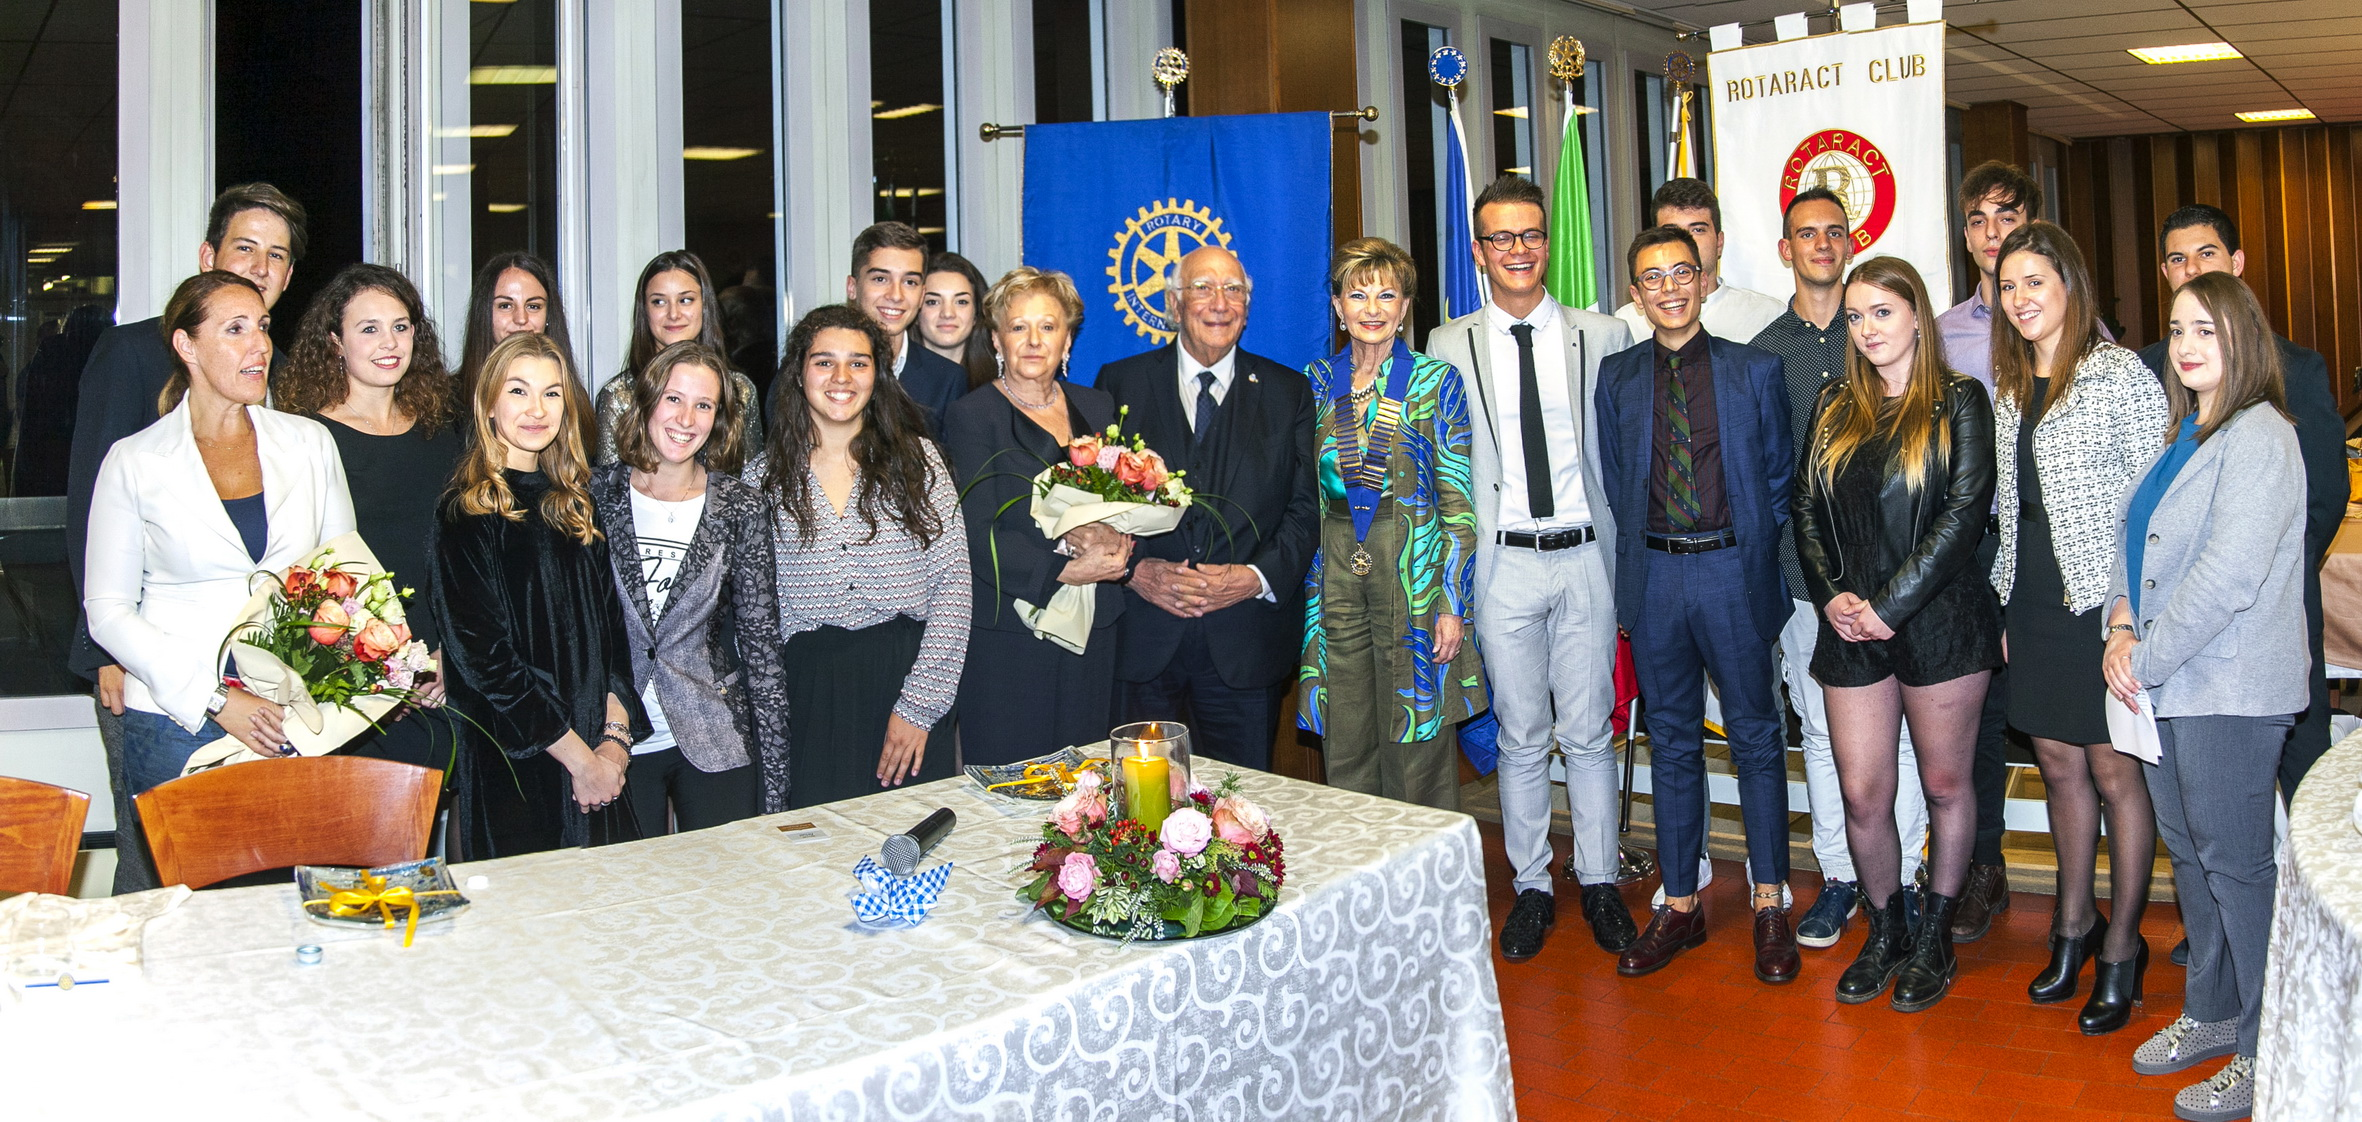 2018-10-09 Rotary - Giovanni Rana_310